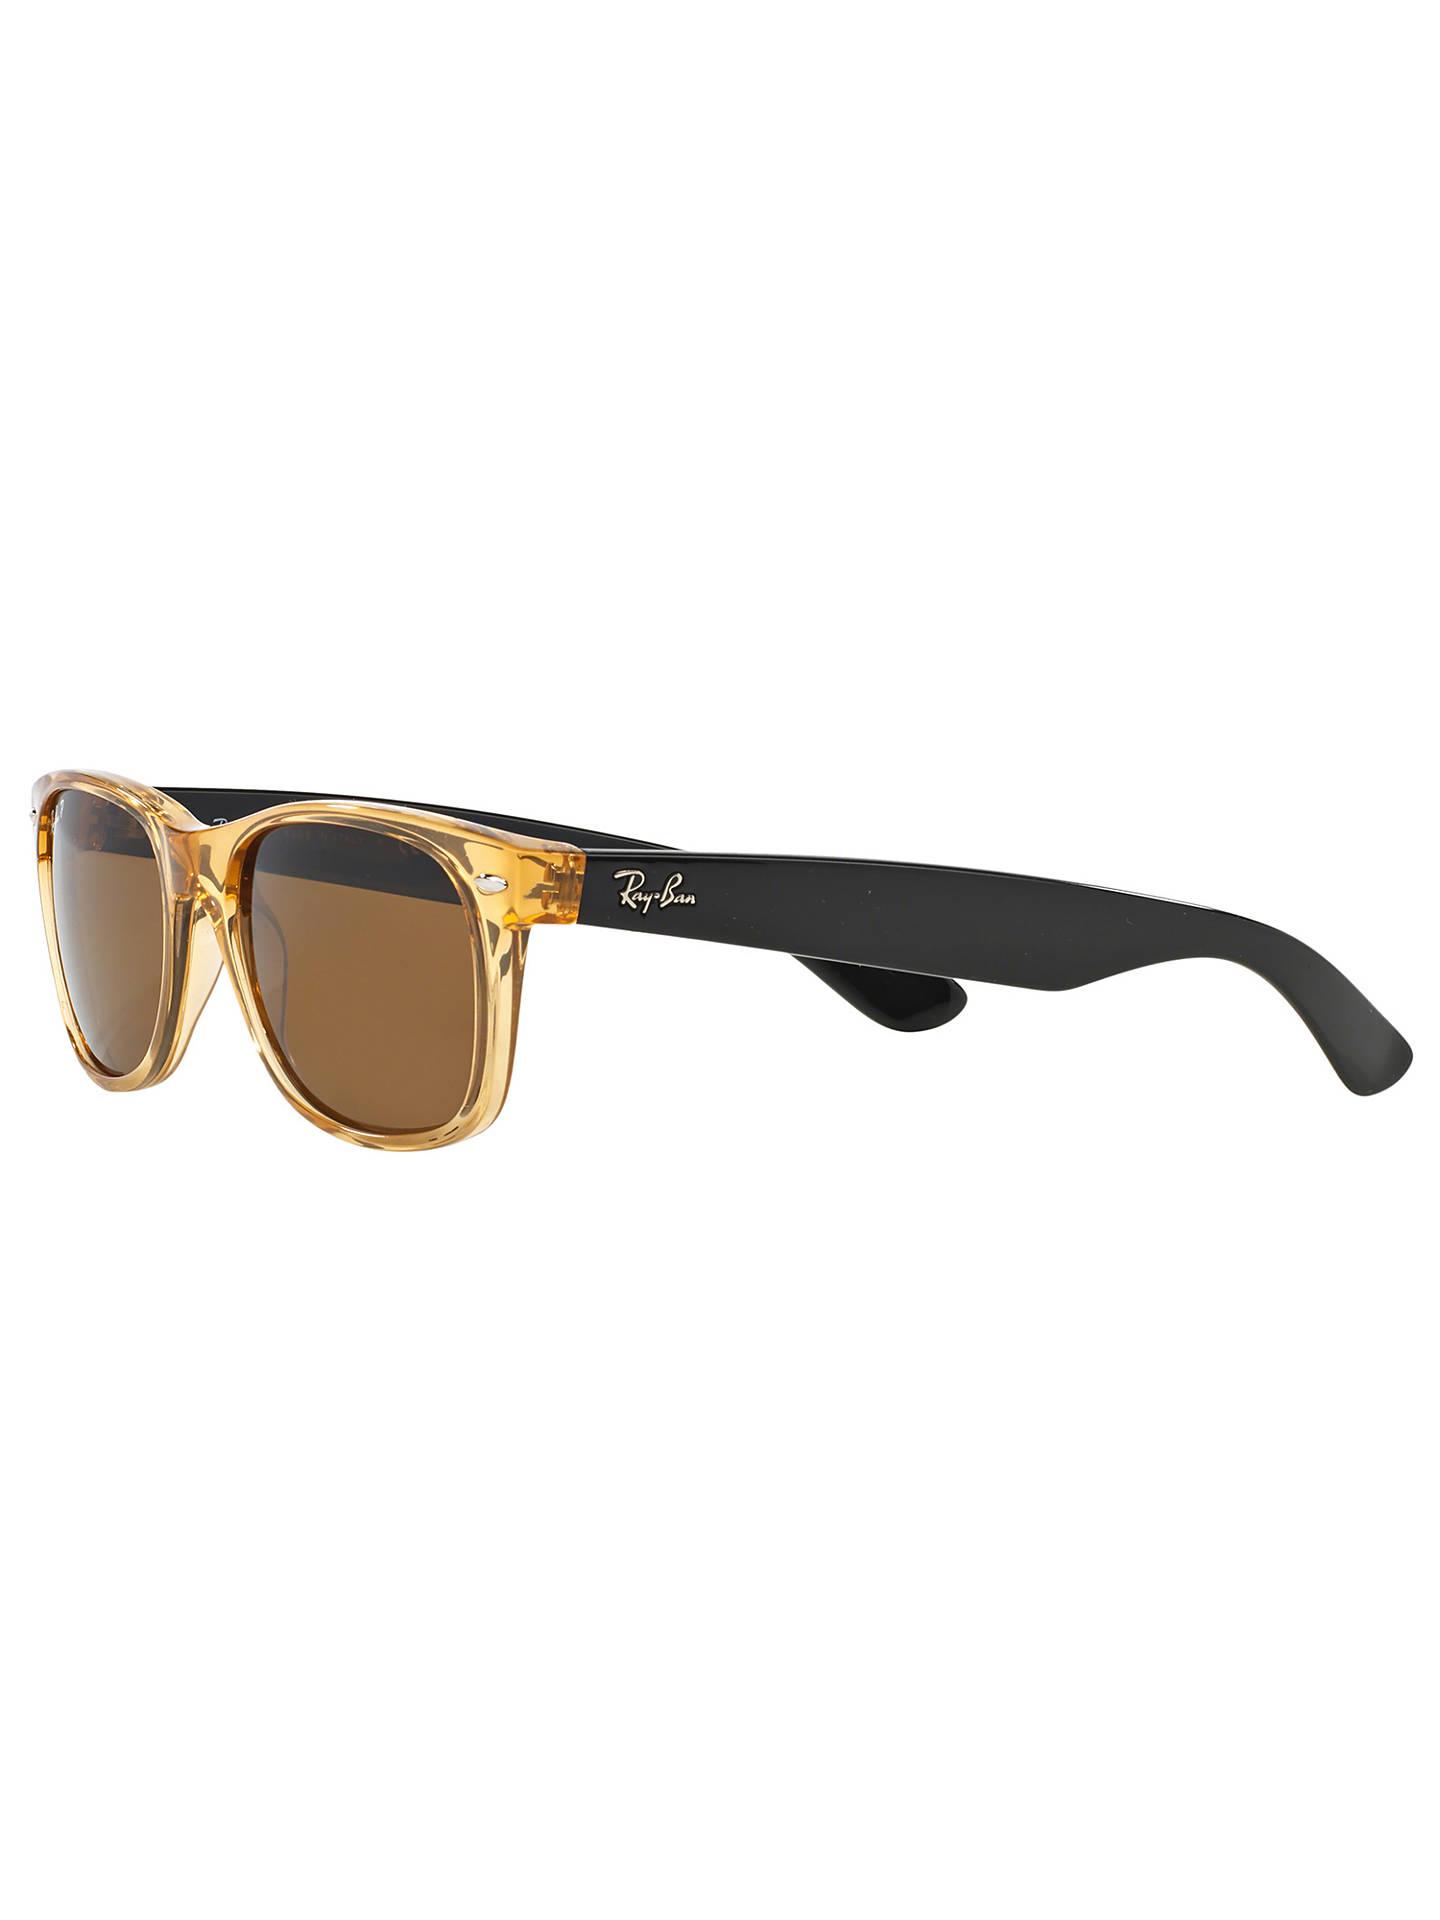 db76b1323c BuyRay-Ban RB2132 New Wayfarer Polarised Sunglasses